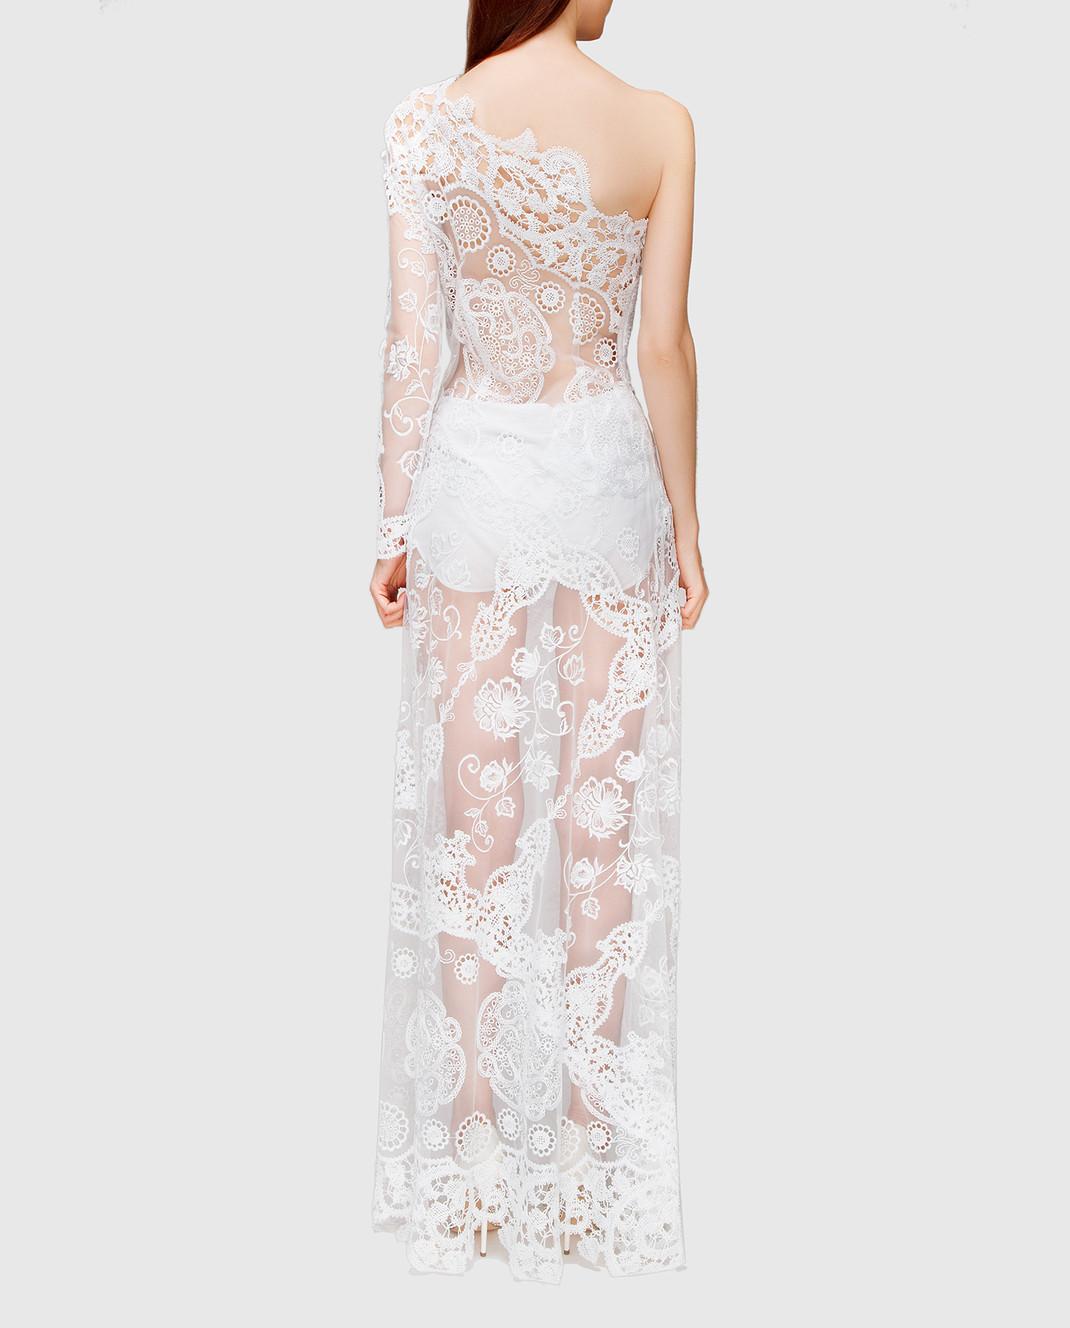 Charo Ruiz Белое платье с кружевом 00354 изображение 3